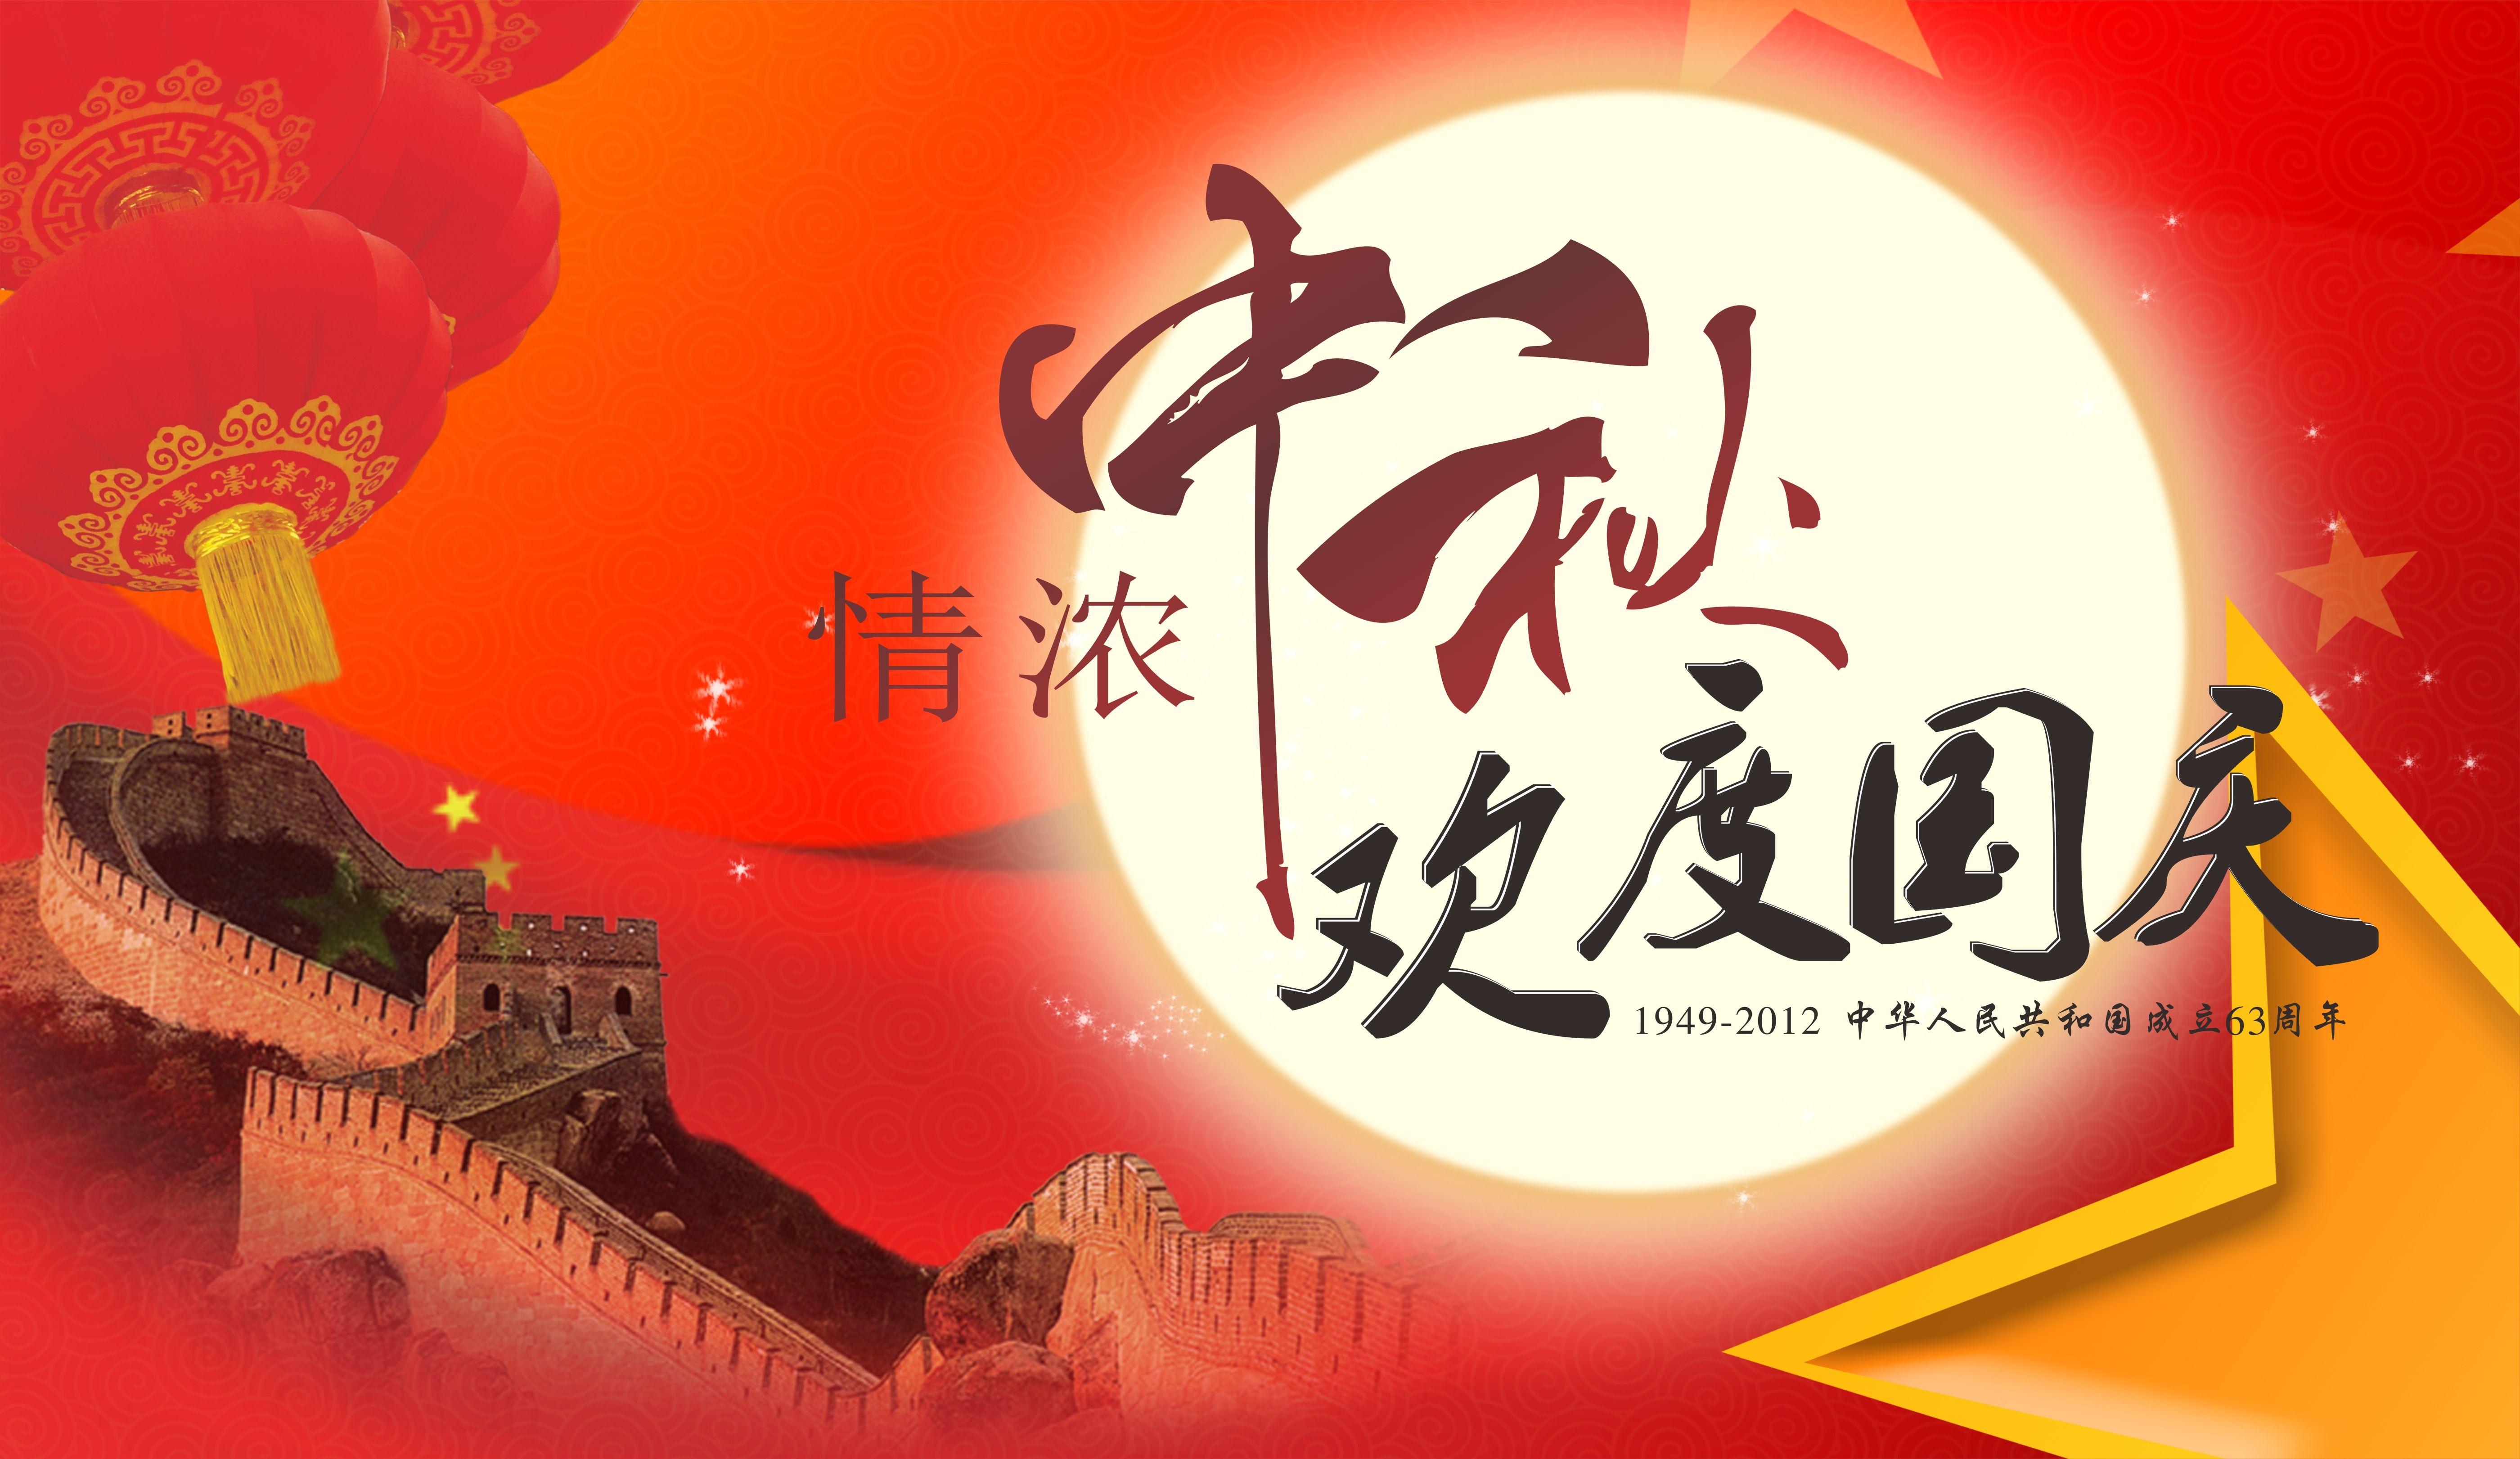 祝大家2020月饼节和国庆节节日快乐~